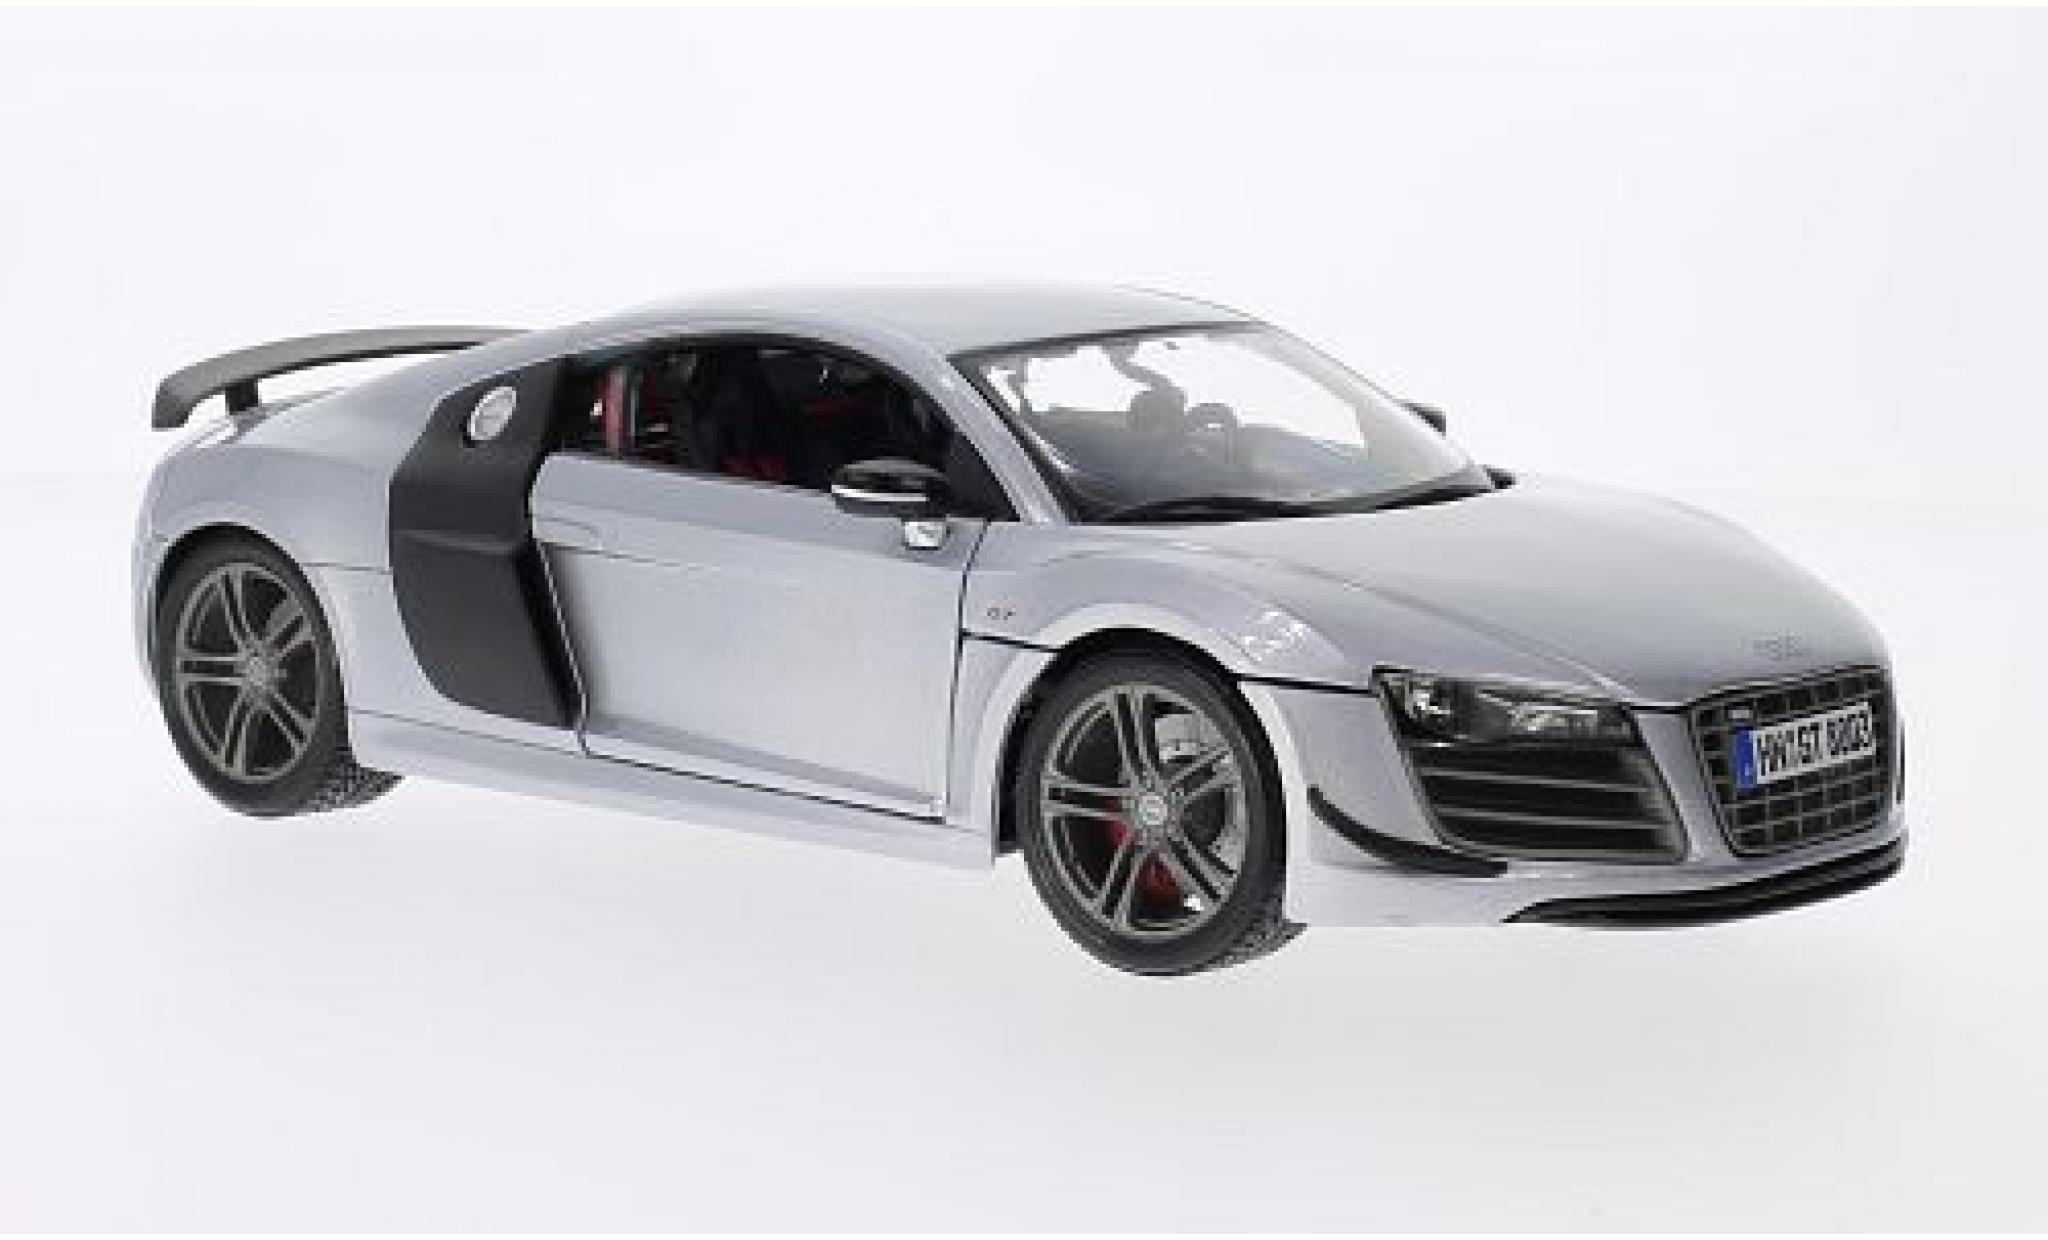 Audi R8 1/18 Maisto GT grise/carbon